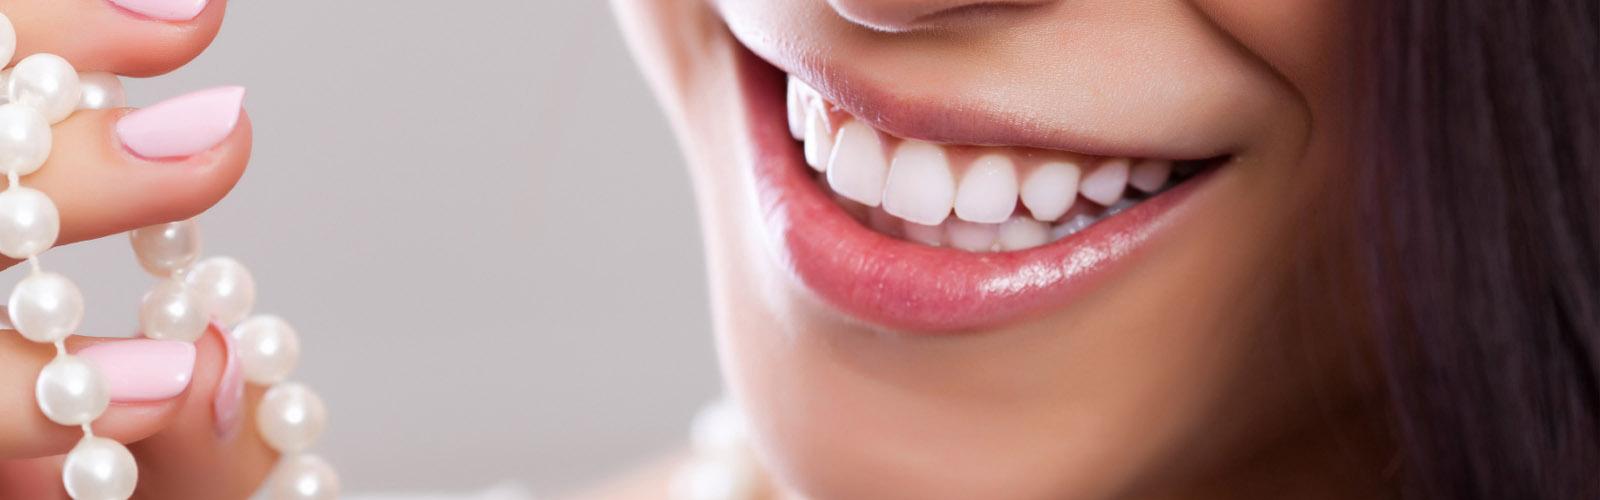 Основа комплексного ухода за полостью рта